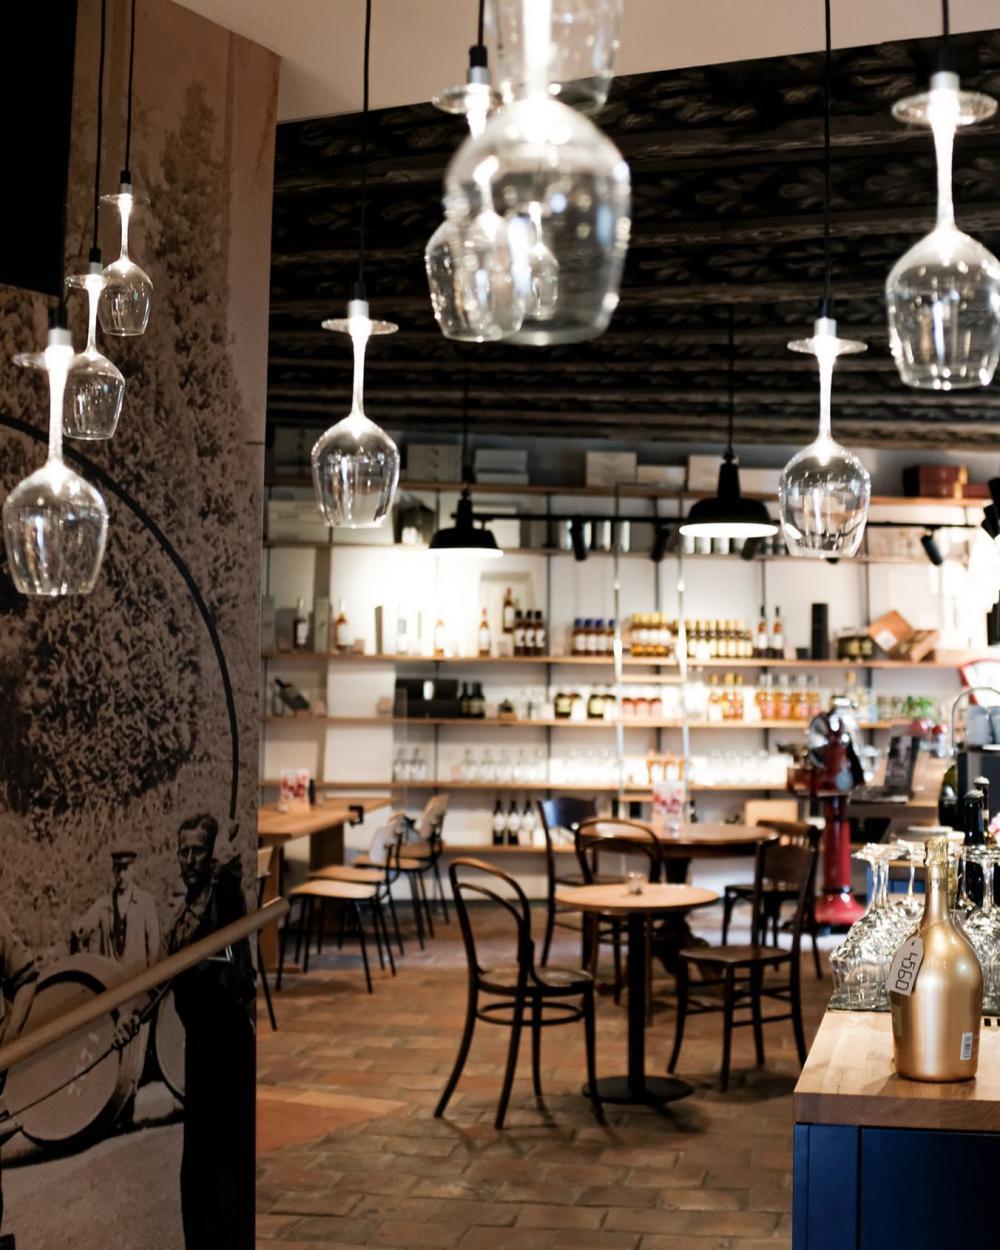 Bei Chez Grisoni hängen die Gläser sogar von der Decke runter.